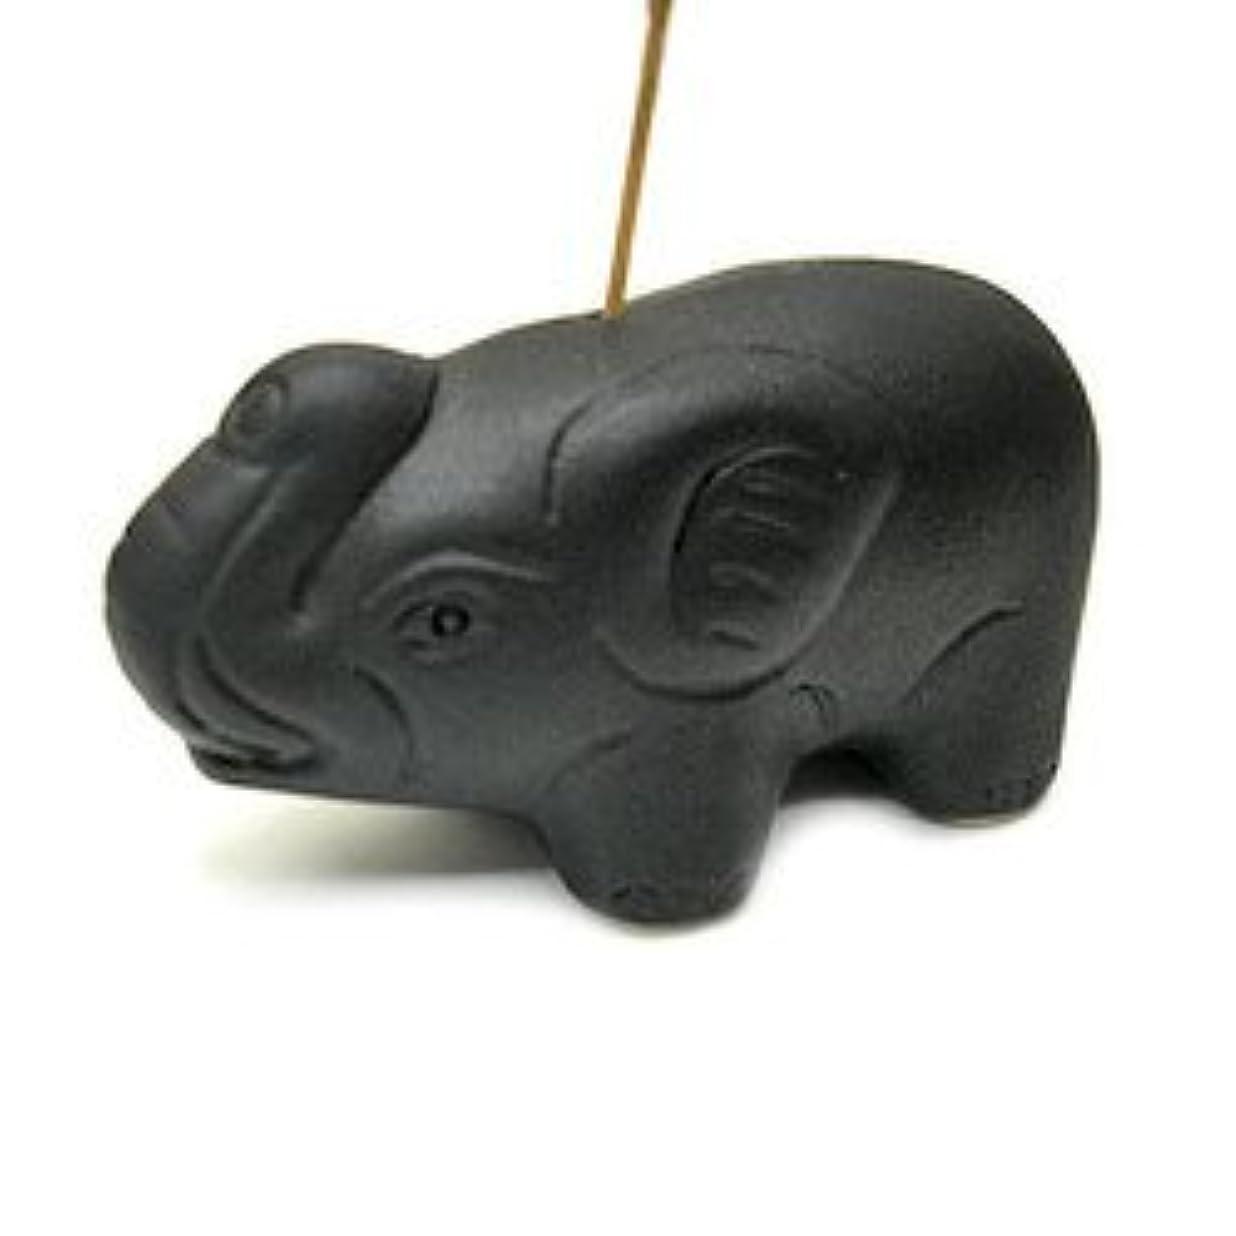 素晴らしい良い多くの果てしない想像力豊かな象さんのお香立て <黒> インセンスホルダー/スティックタイプ用お香立て?お香たて アジアン雑貨